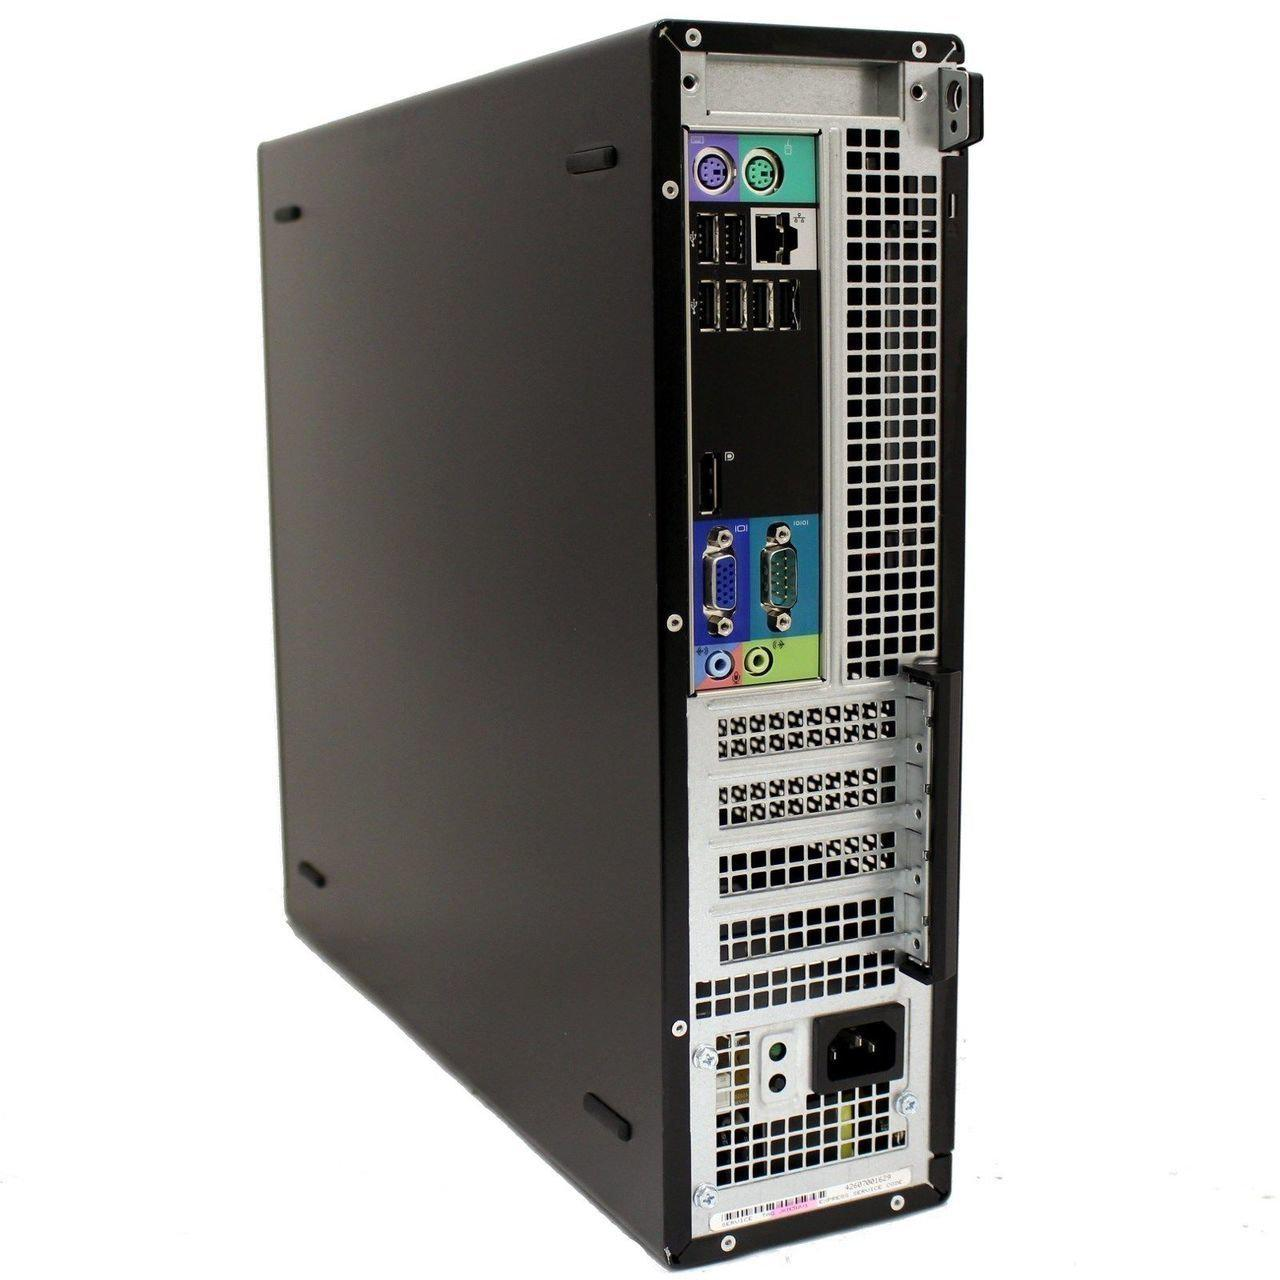 Dell OptiPlex 990 SFF Core i7 3,4 GHz - HDD 500 Go RAM 4 Go